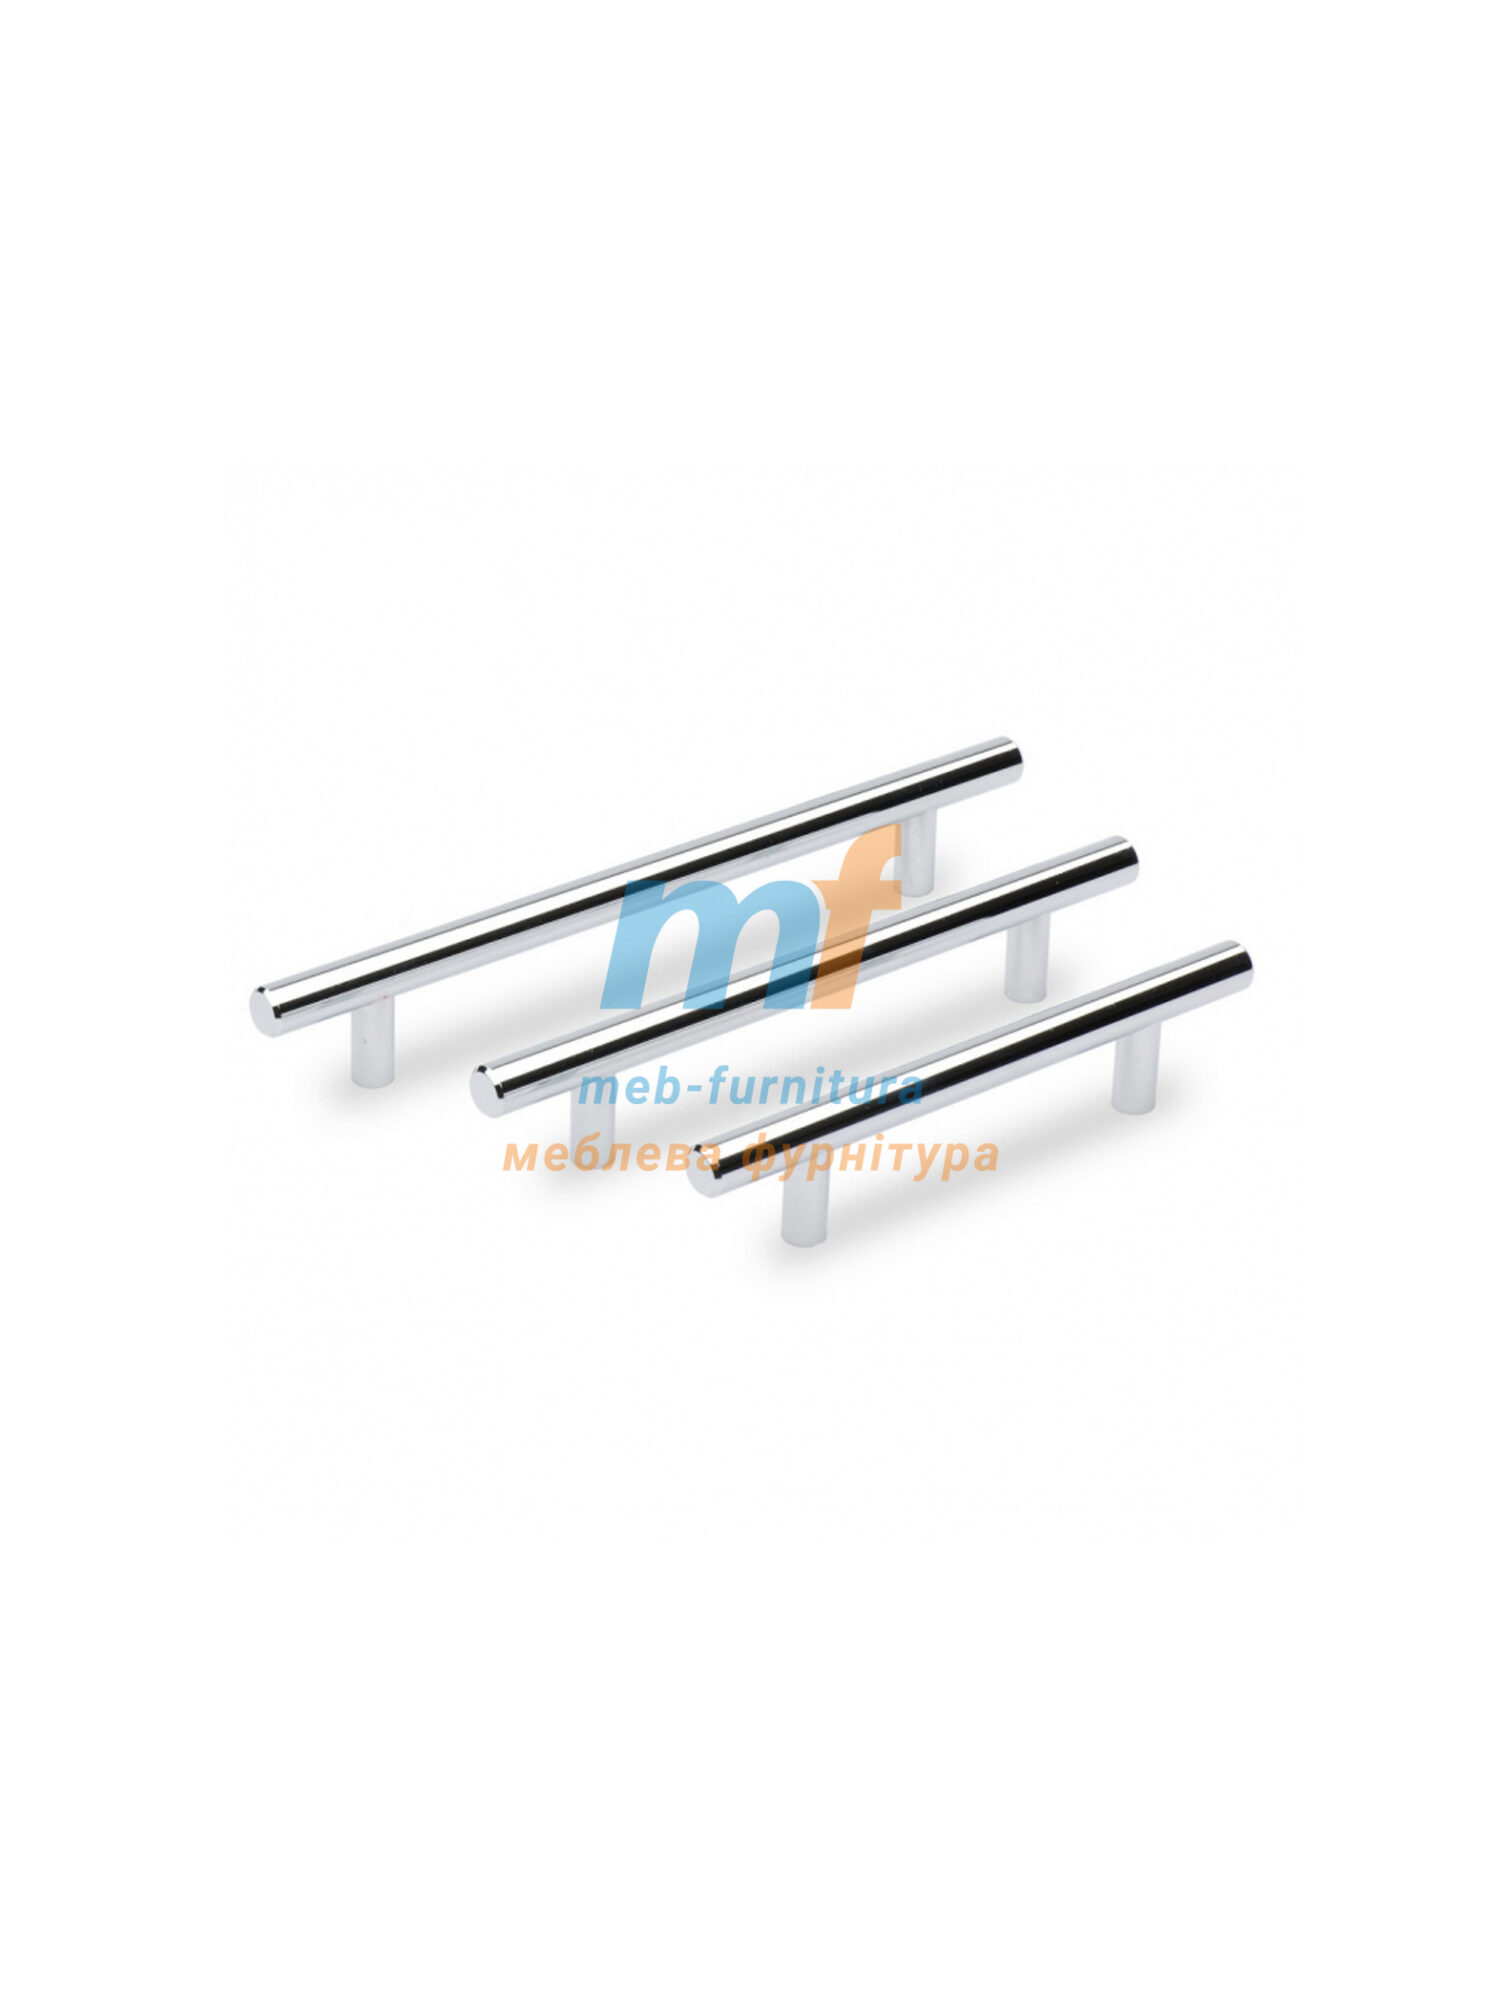 Ручка мебельная релинг 265мм - хром